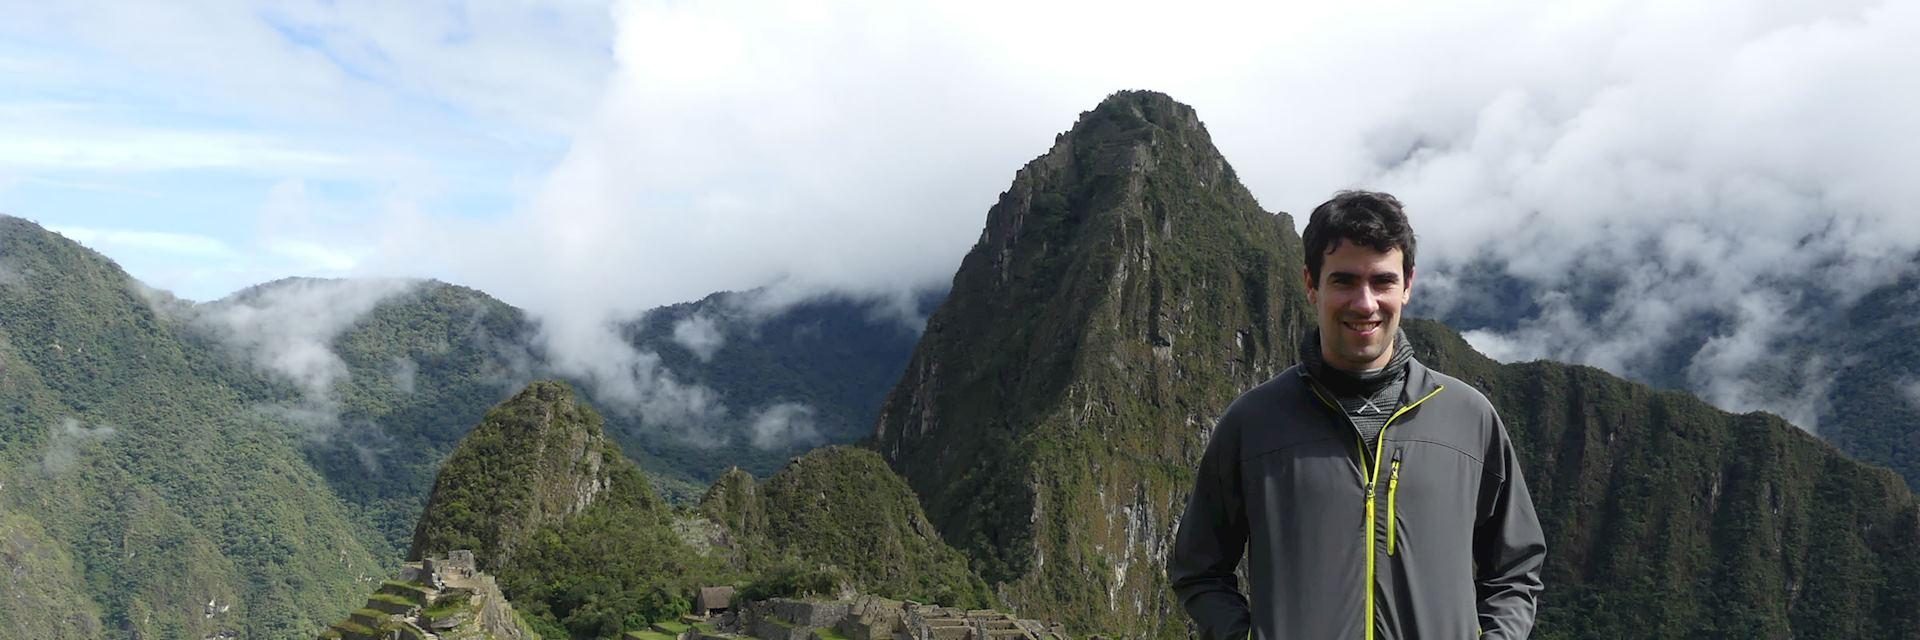 Paco at Machu Picchu, Peru